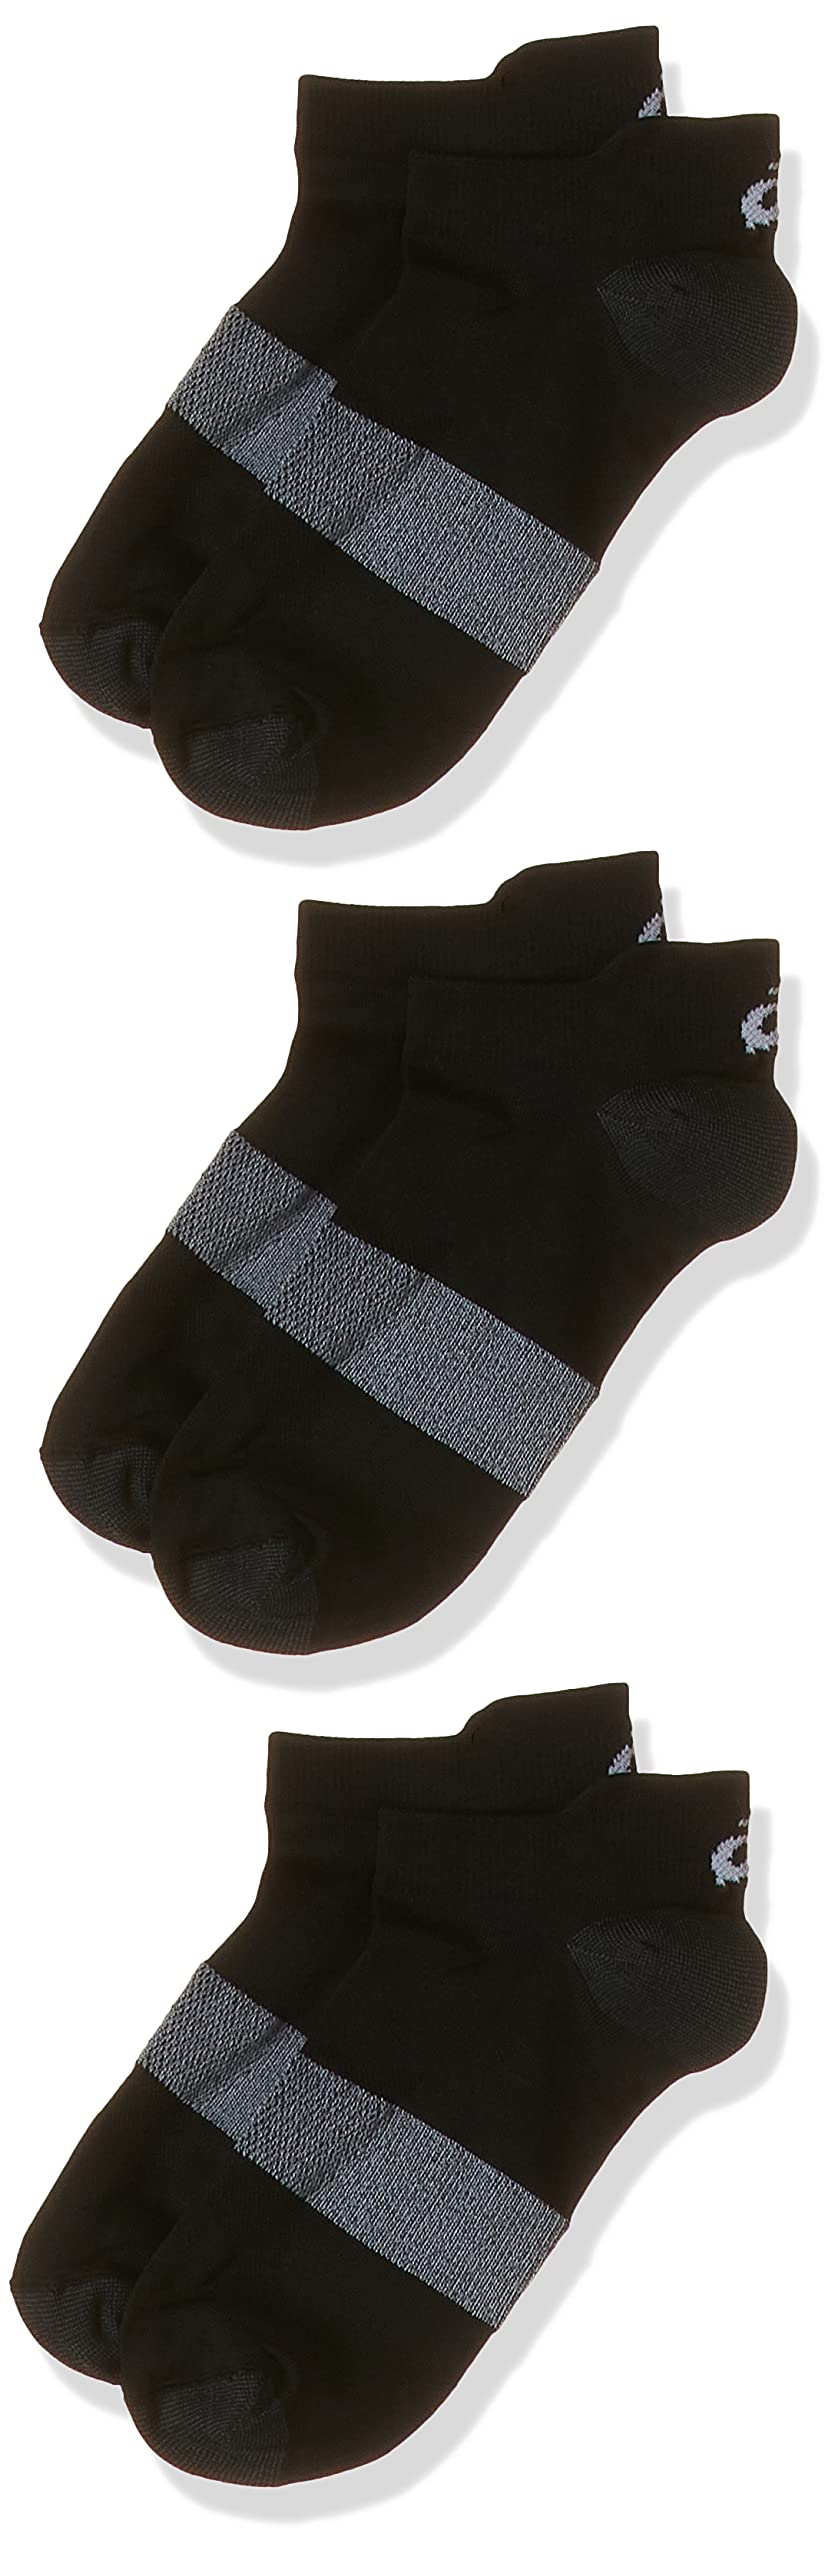 ASICS Herren 3PPK Lyte Socken, Schwarz (Black 123458-0900), 47-49